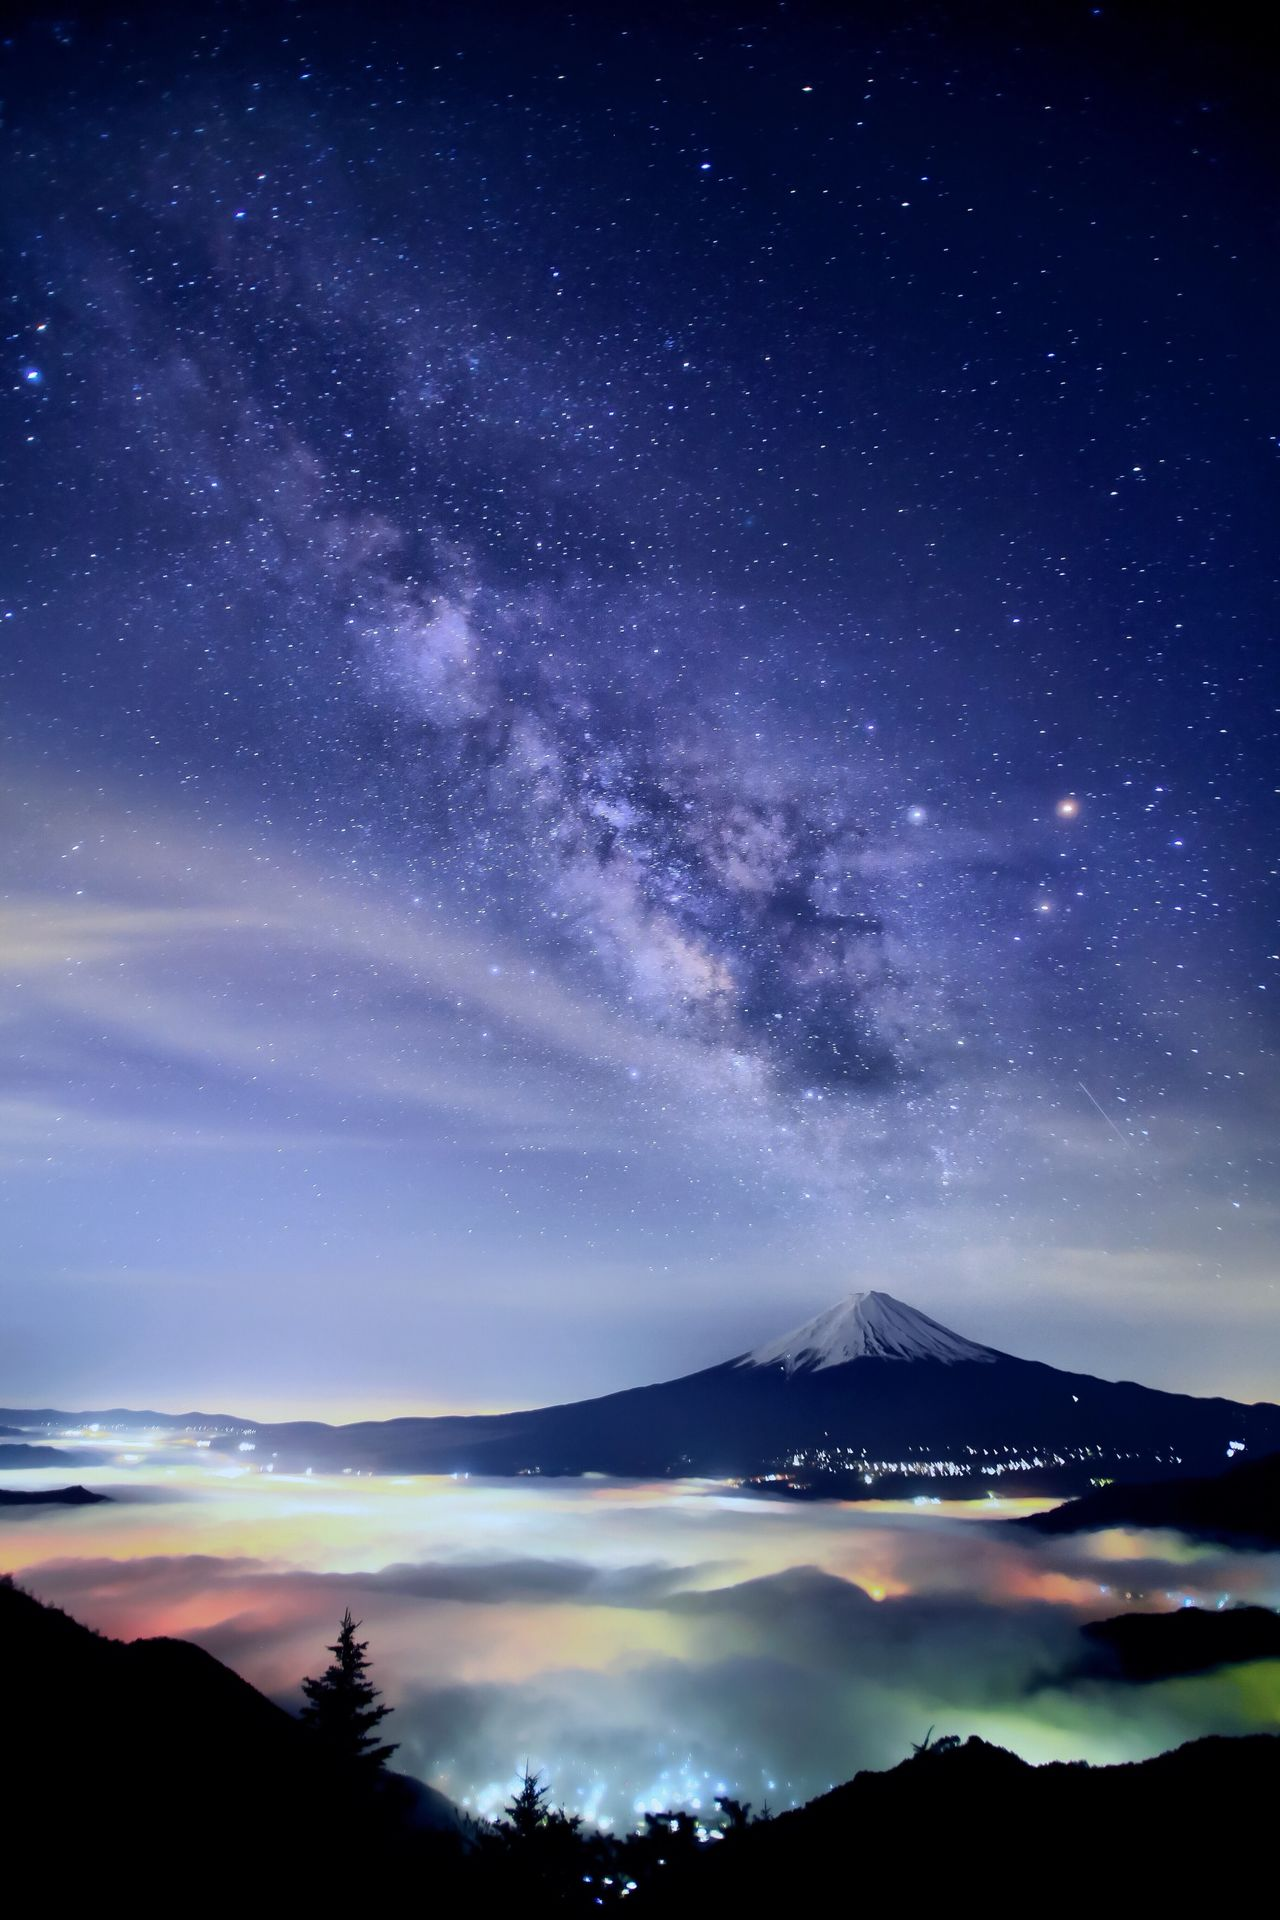 Хасимуки известен и прекрасными ночными фотографиями. Здесь горы, Млечный Путь и море облаков, освещённых городскими огнями, создают захватывающую визуальную гармонию